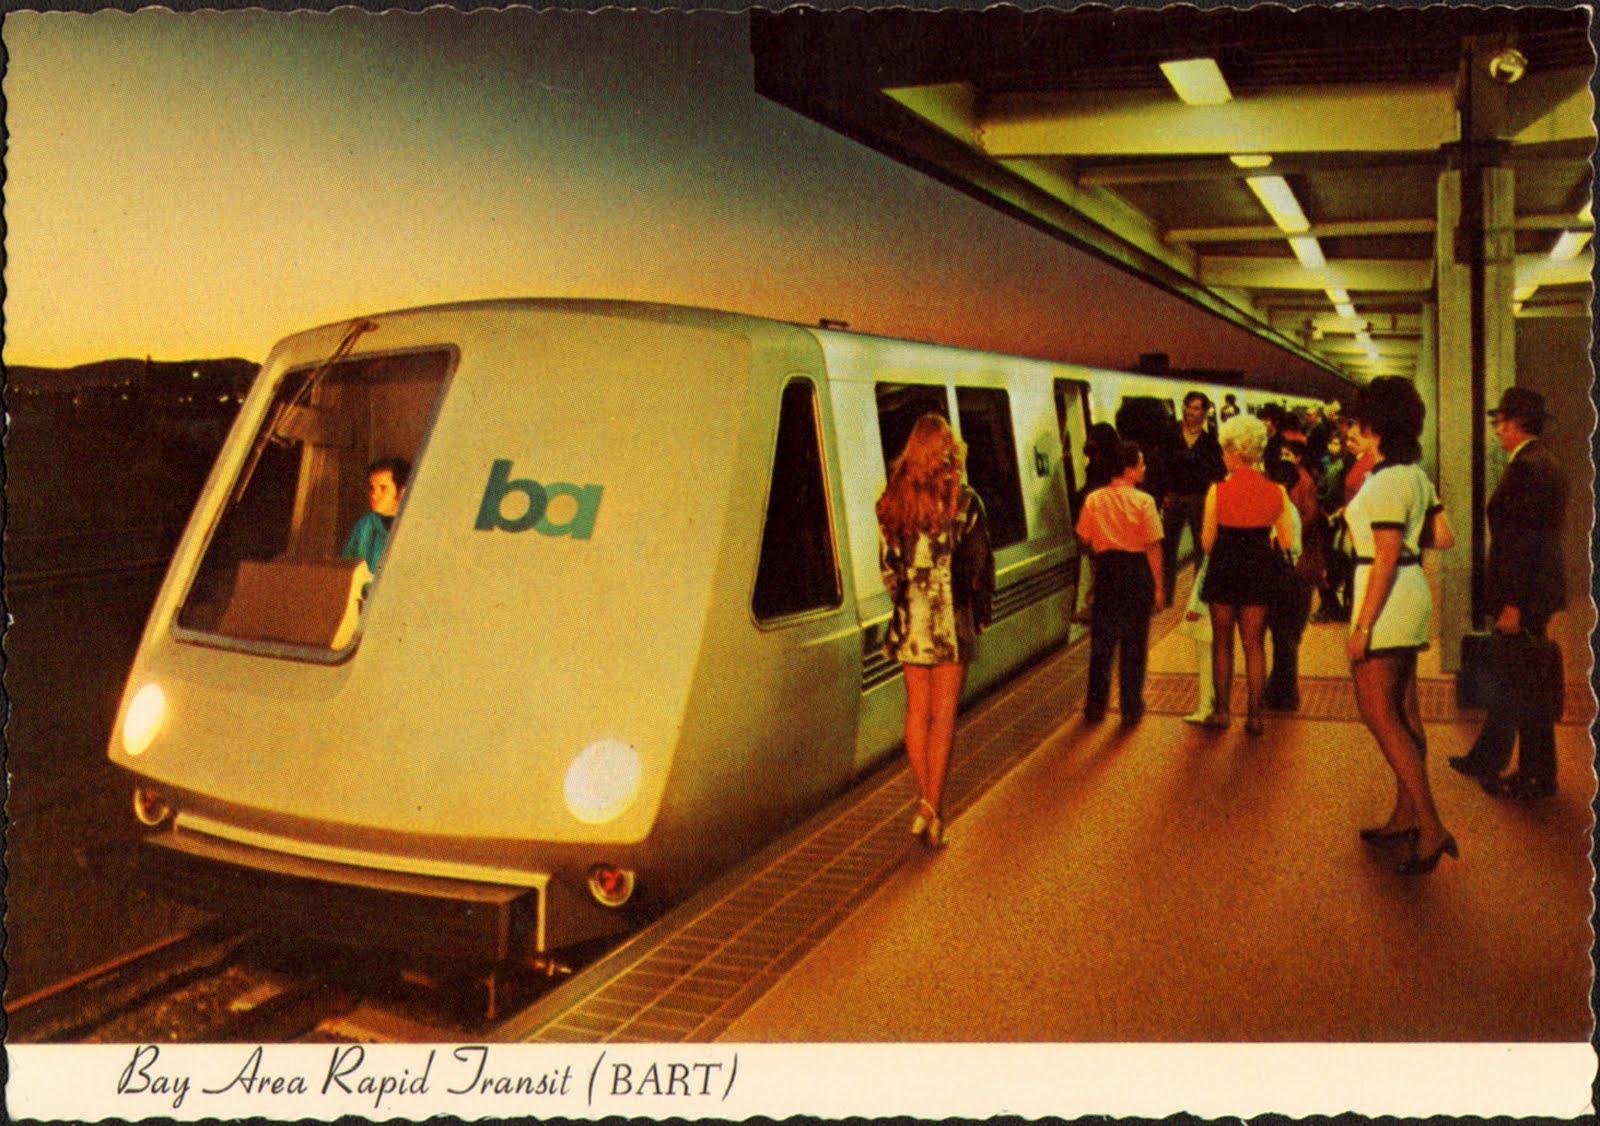 http://1.bp.blogspot.com/_i90_v6awmPA/S7qdHMcAGuI/AAAAAAAAAt8/sI8QvD3mxKc/s1600/bay_area_rapid_transit_san_francisco_CA.jpg